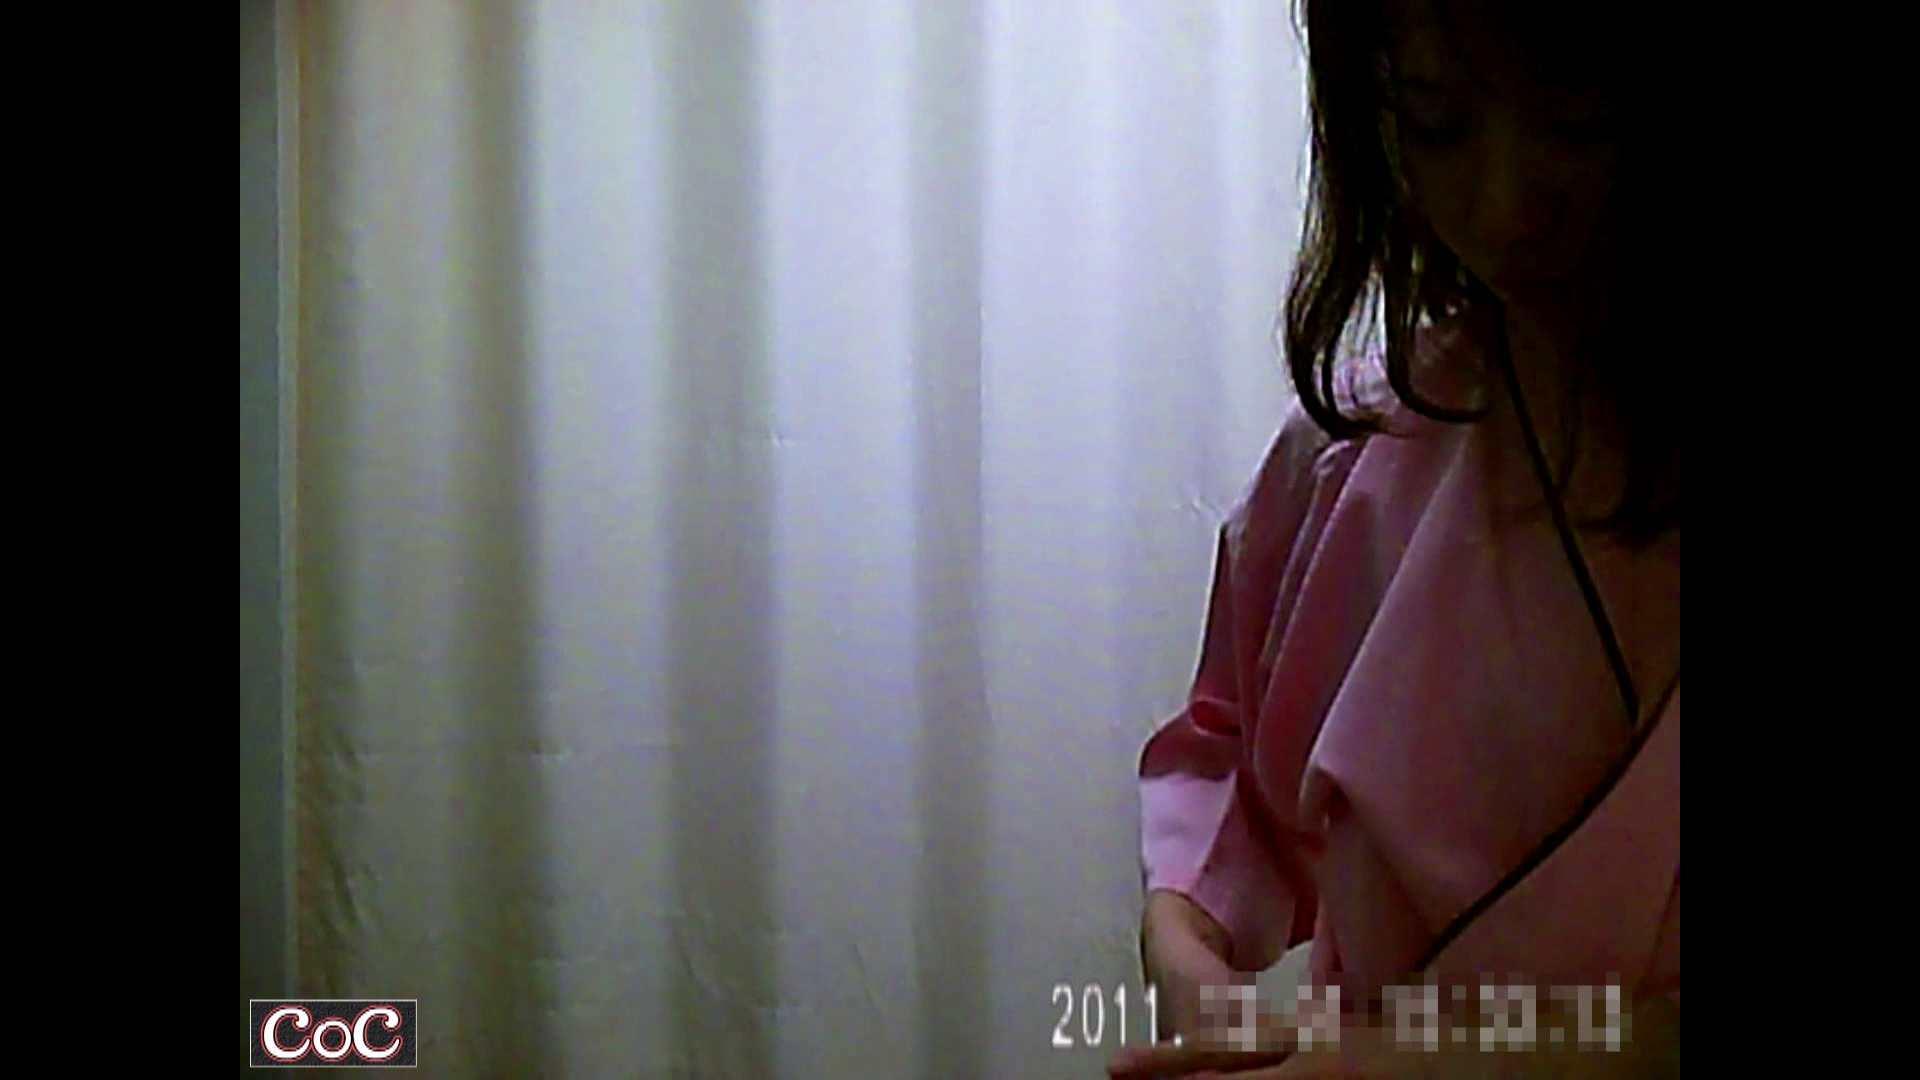 元医者による反抗 更衣室地獄絵巻 vol.189 OLハメ撮り  92Pix 14